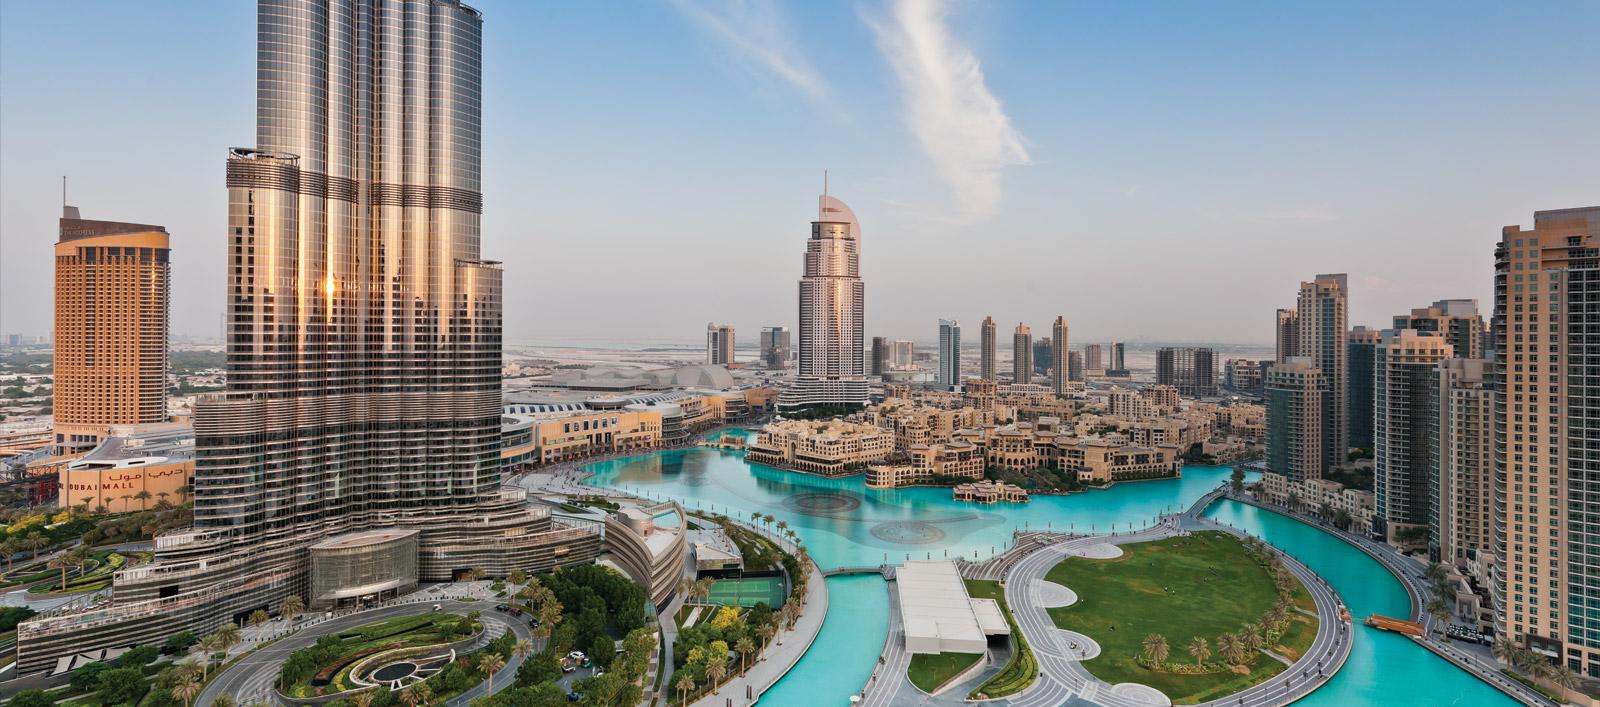 Explore Lavish Dubai With Kids Blogchattera2z Blogsikka